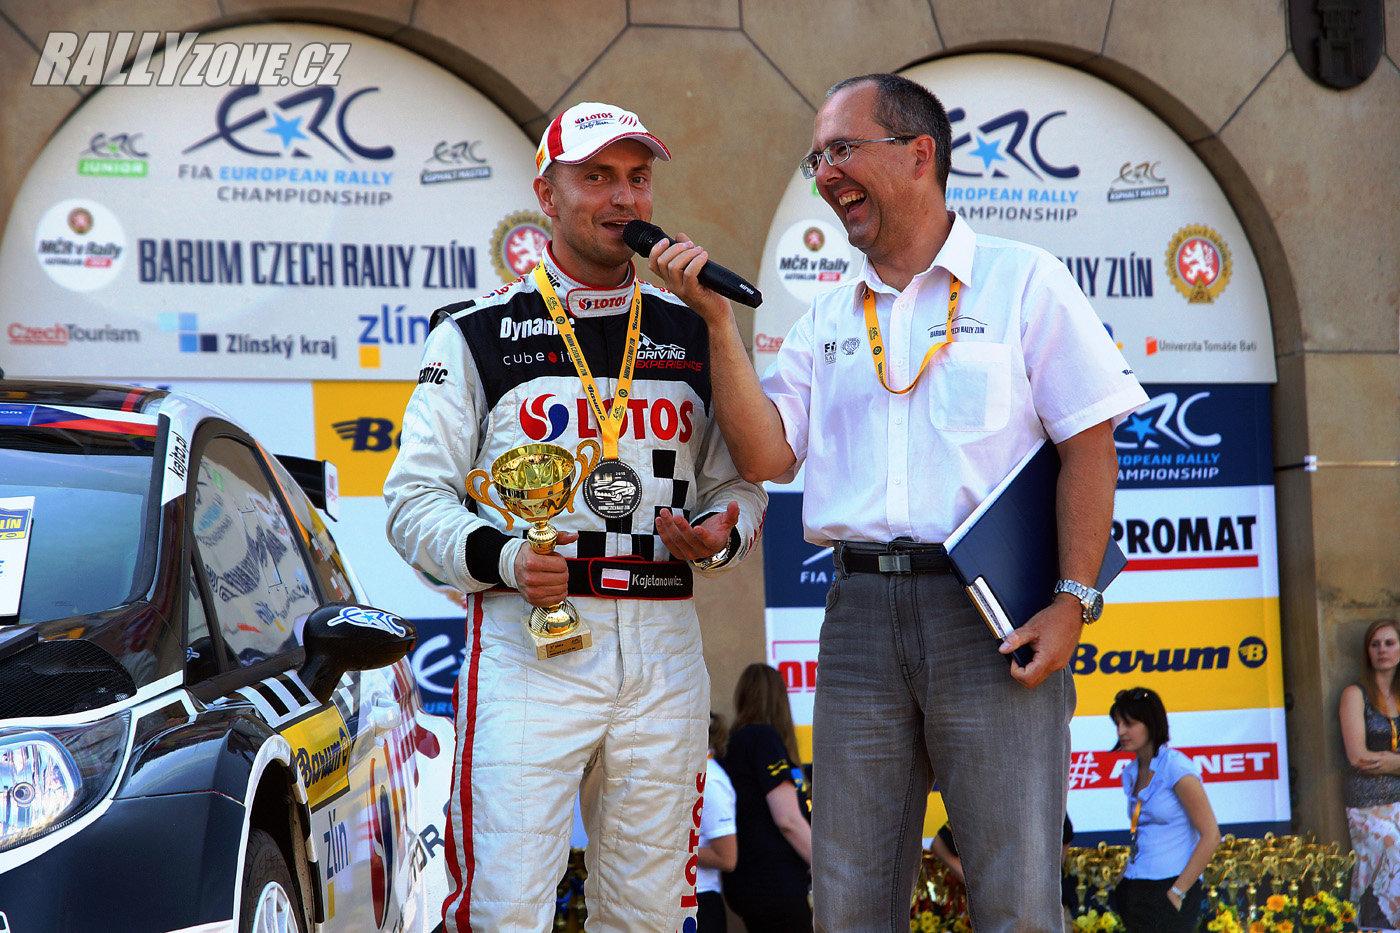 kajetanowicz, kajetan / Barum Czech Rally Zlín (CZE)